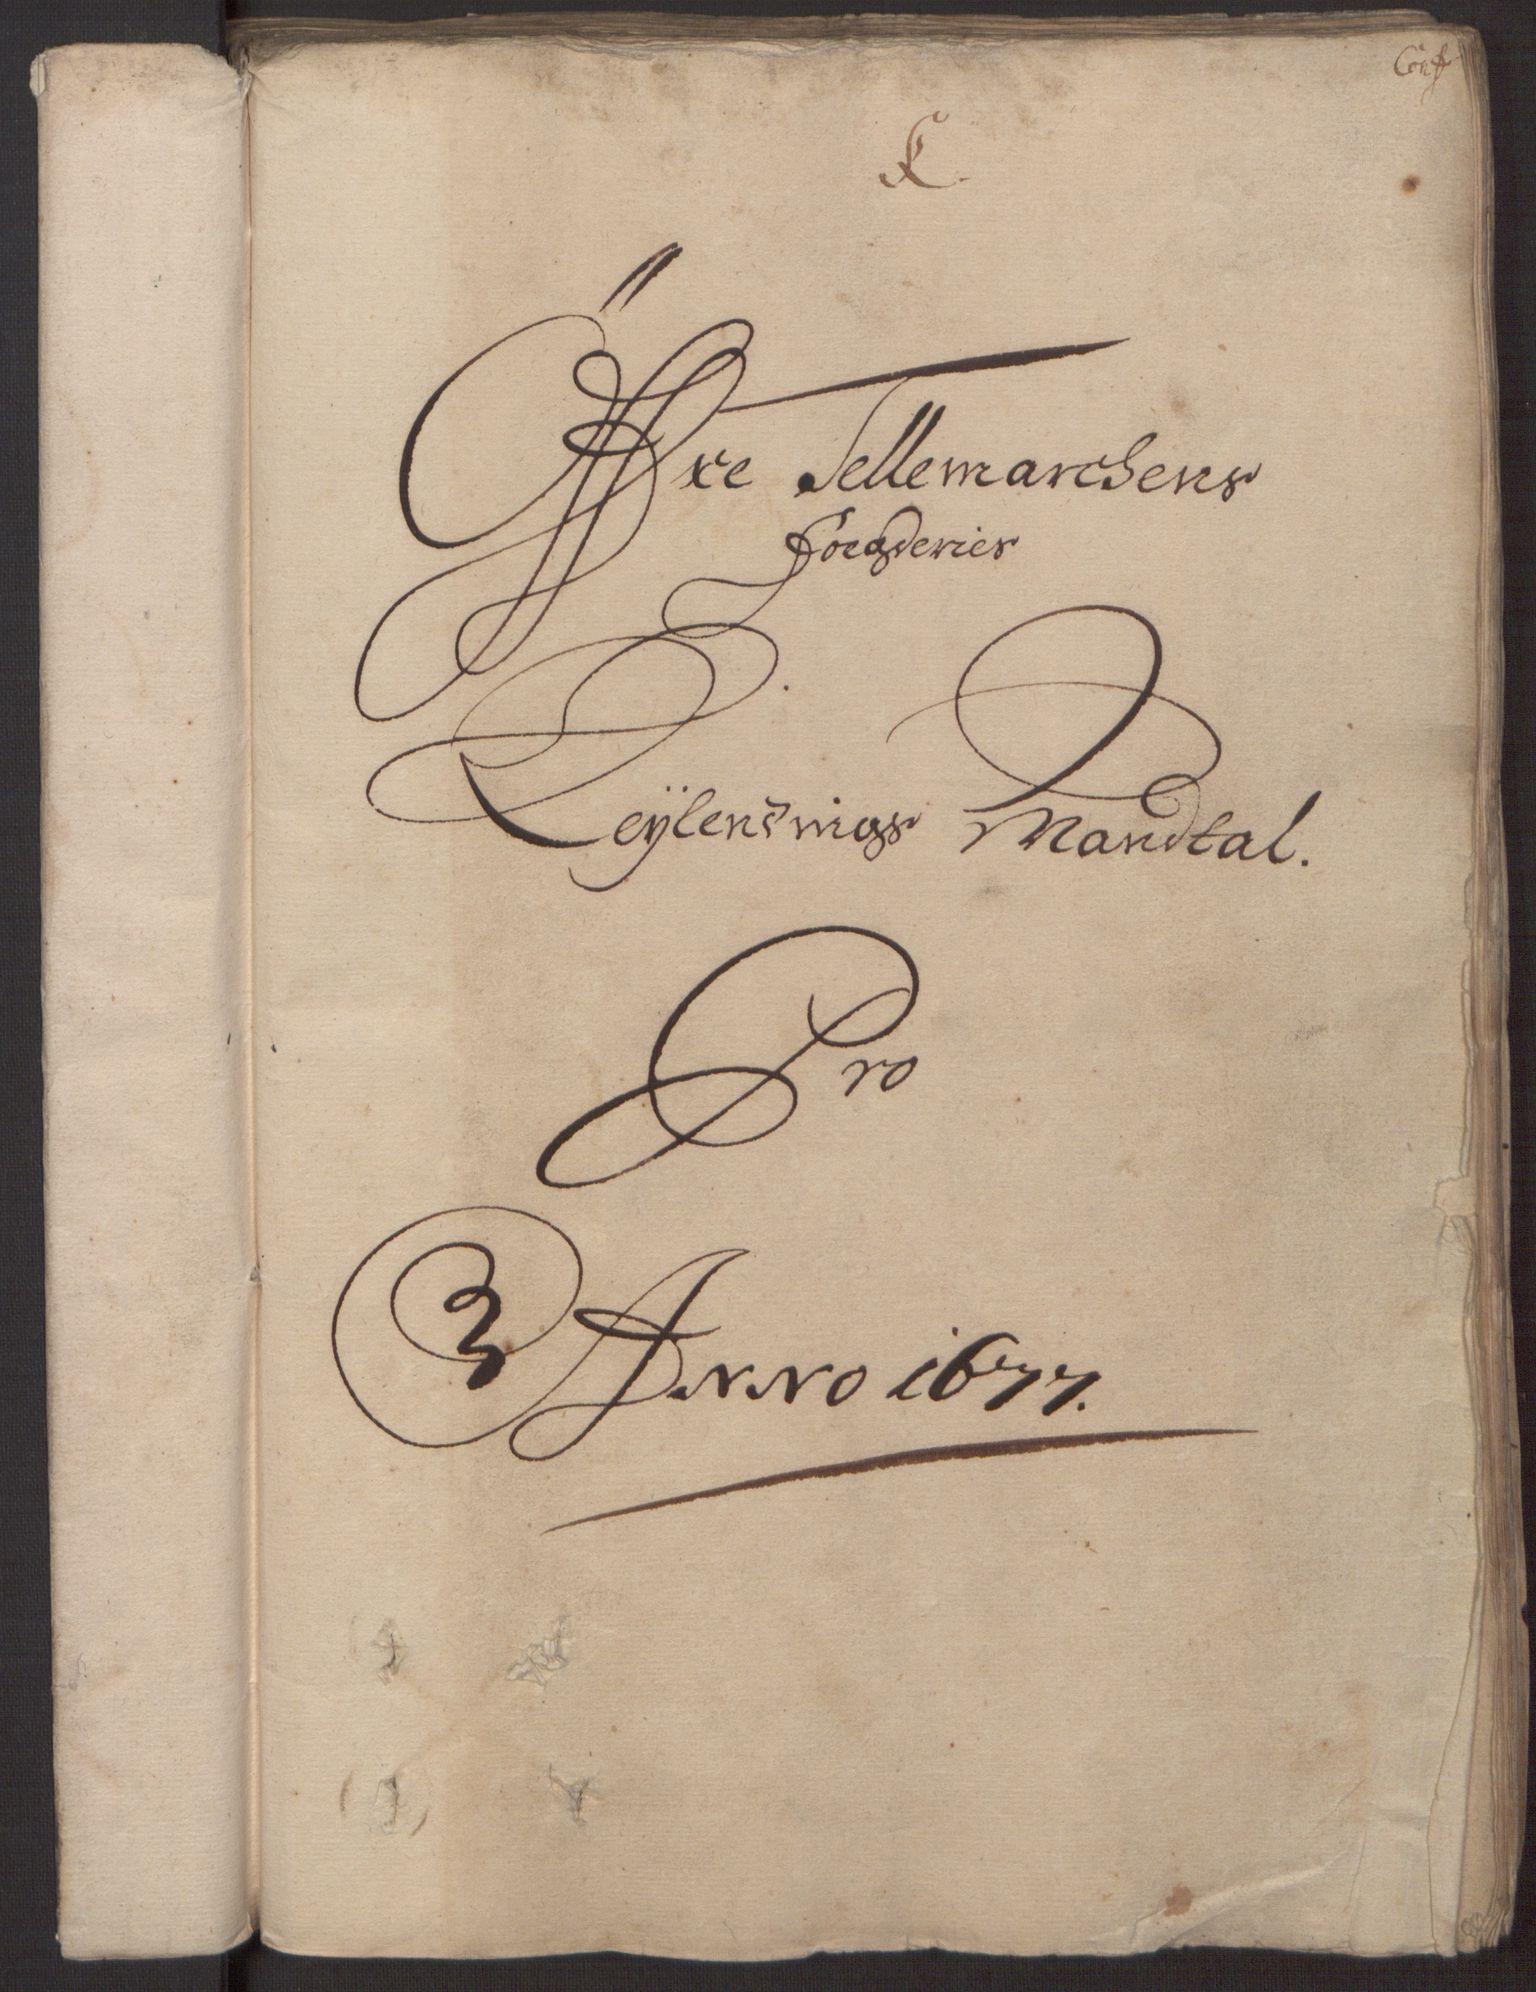 RA, Rentekammeret inntil 1814, Reviderte regnskaper, Fogderegnskap, R35/L2067: Fogderegnskap Øvre og Nedre Telemark, 1677, s. 25